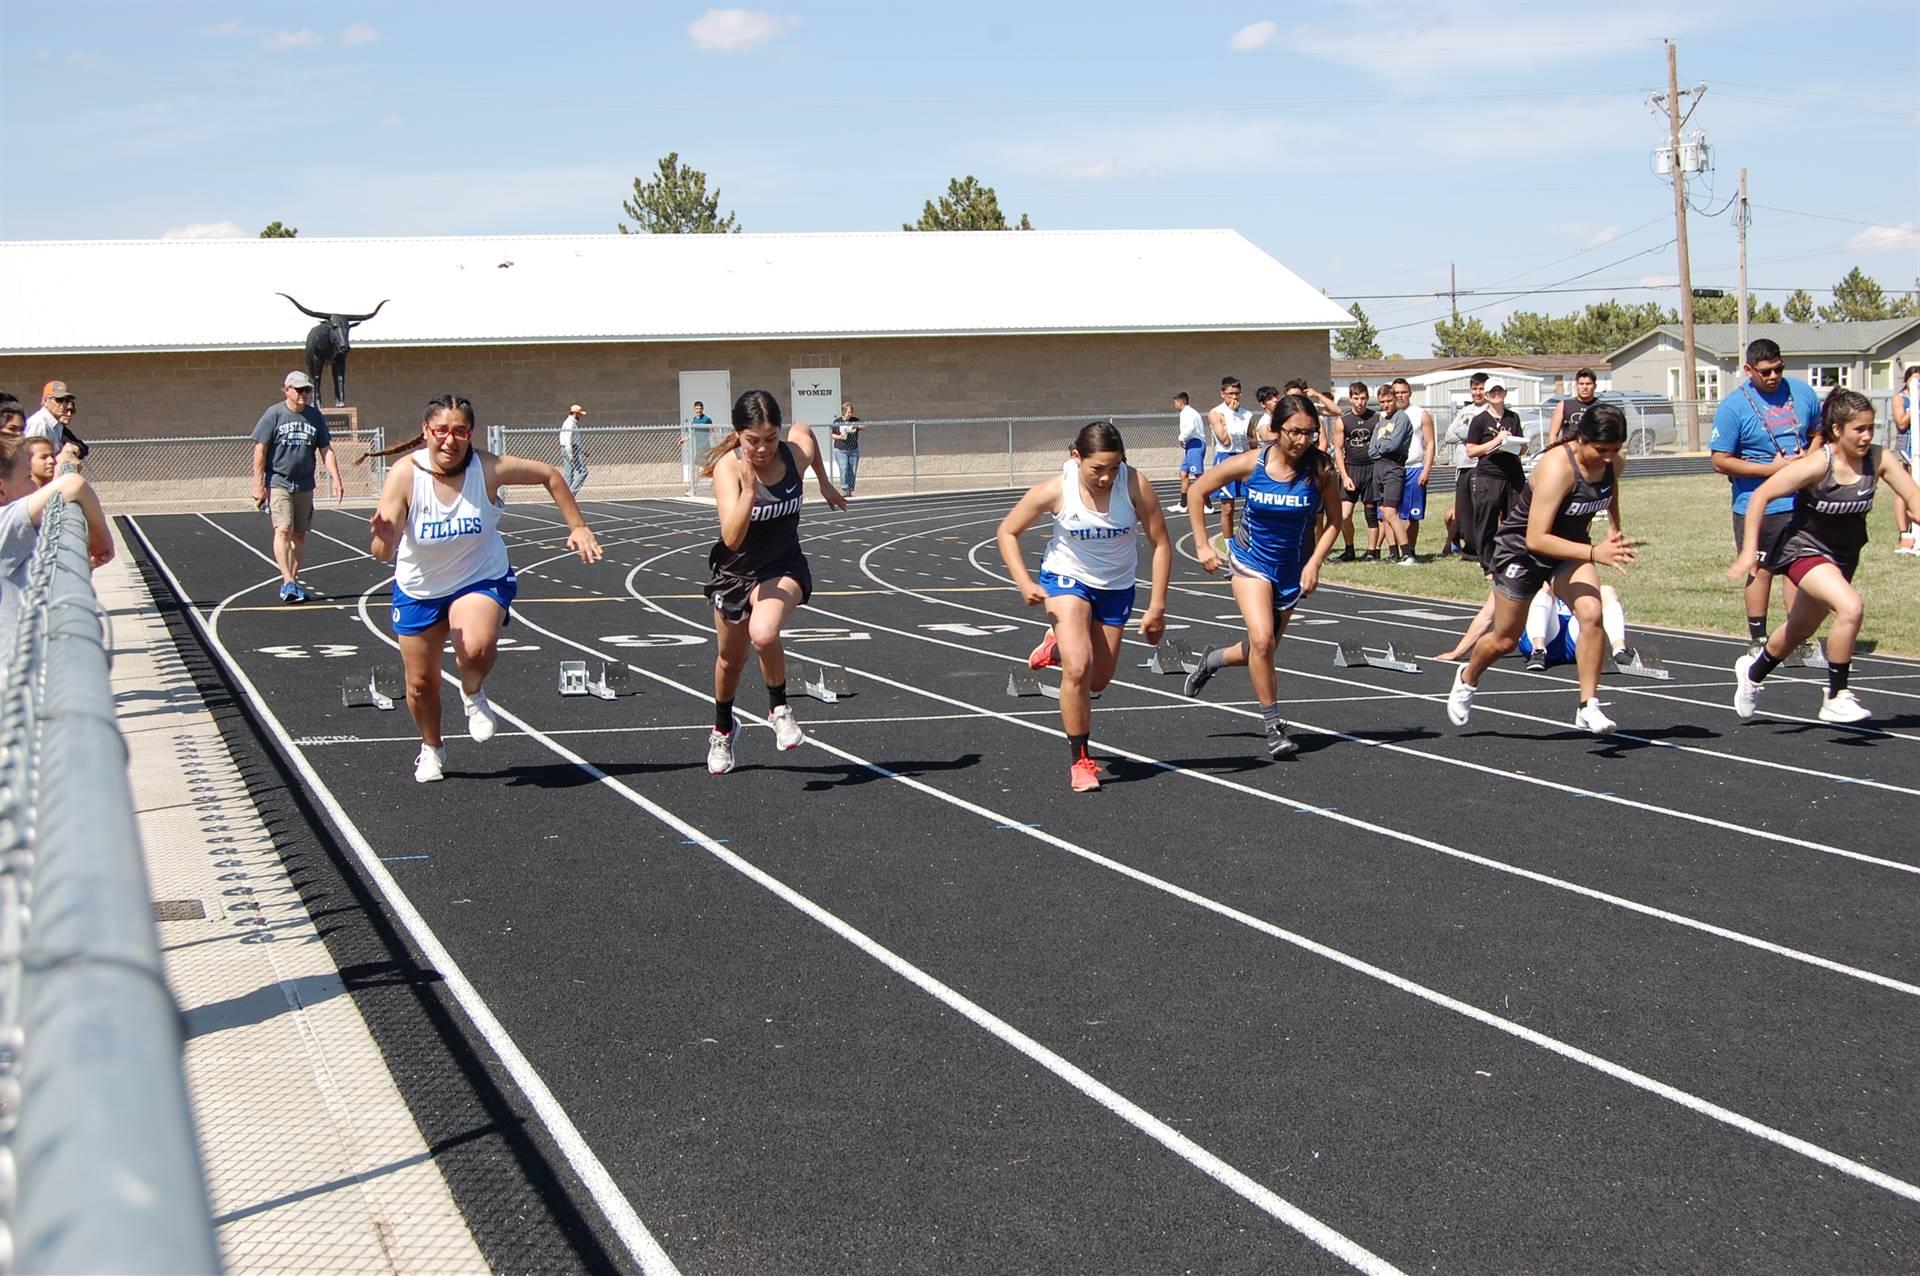 Bovina Track Team running a race